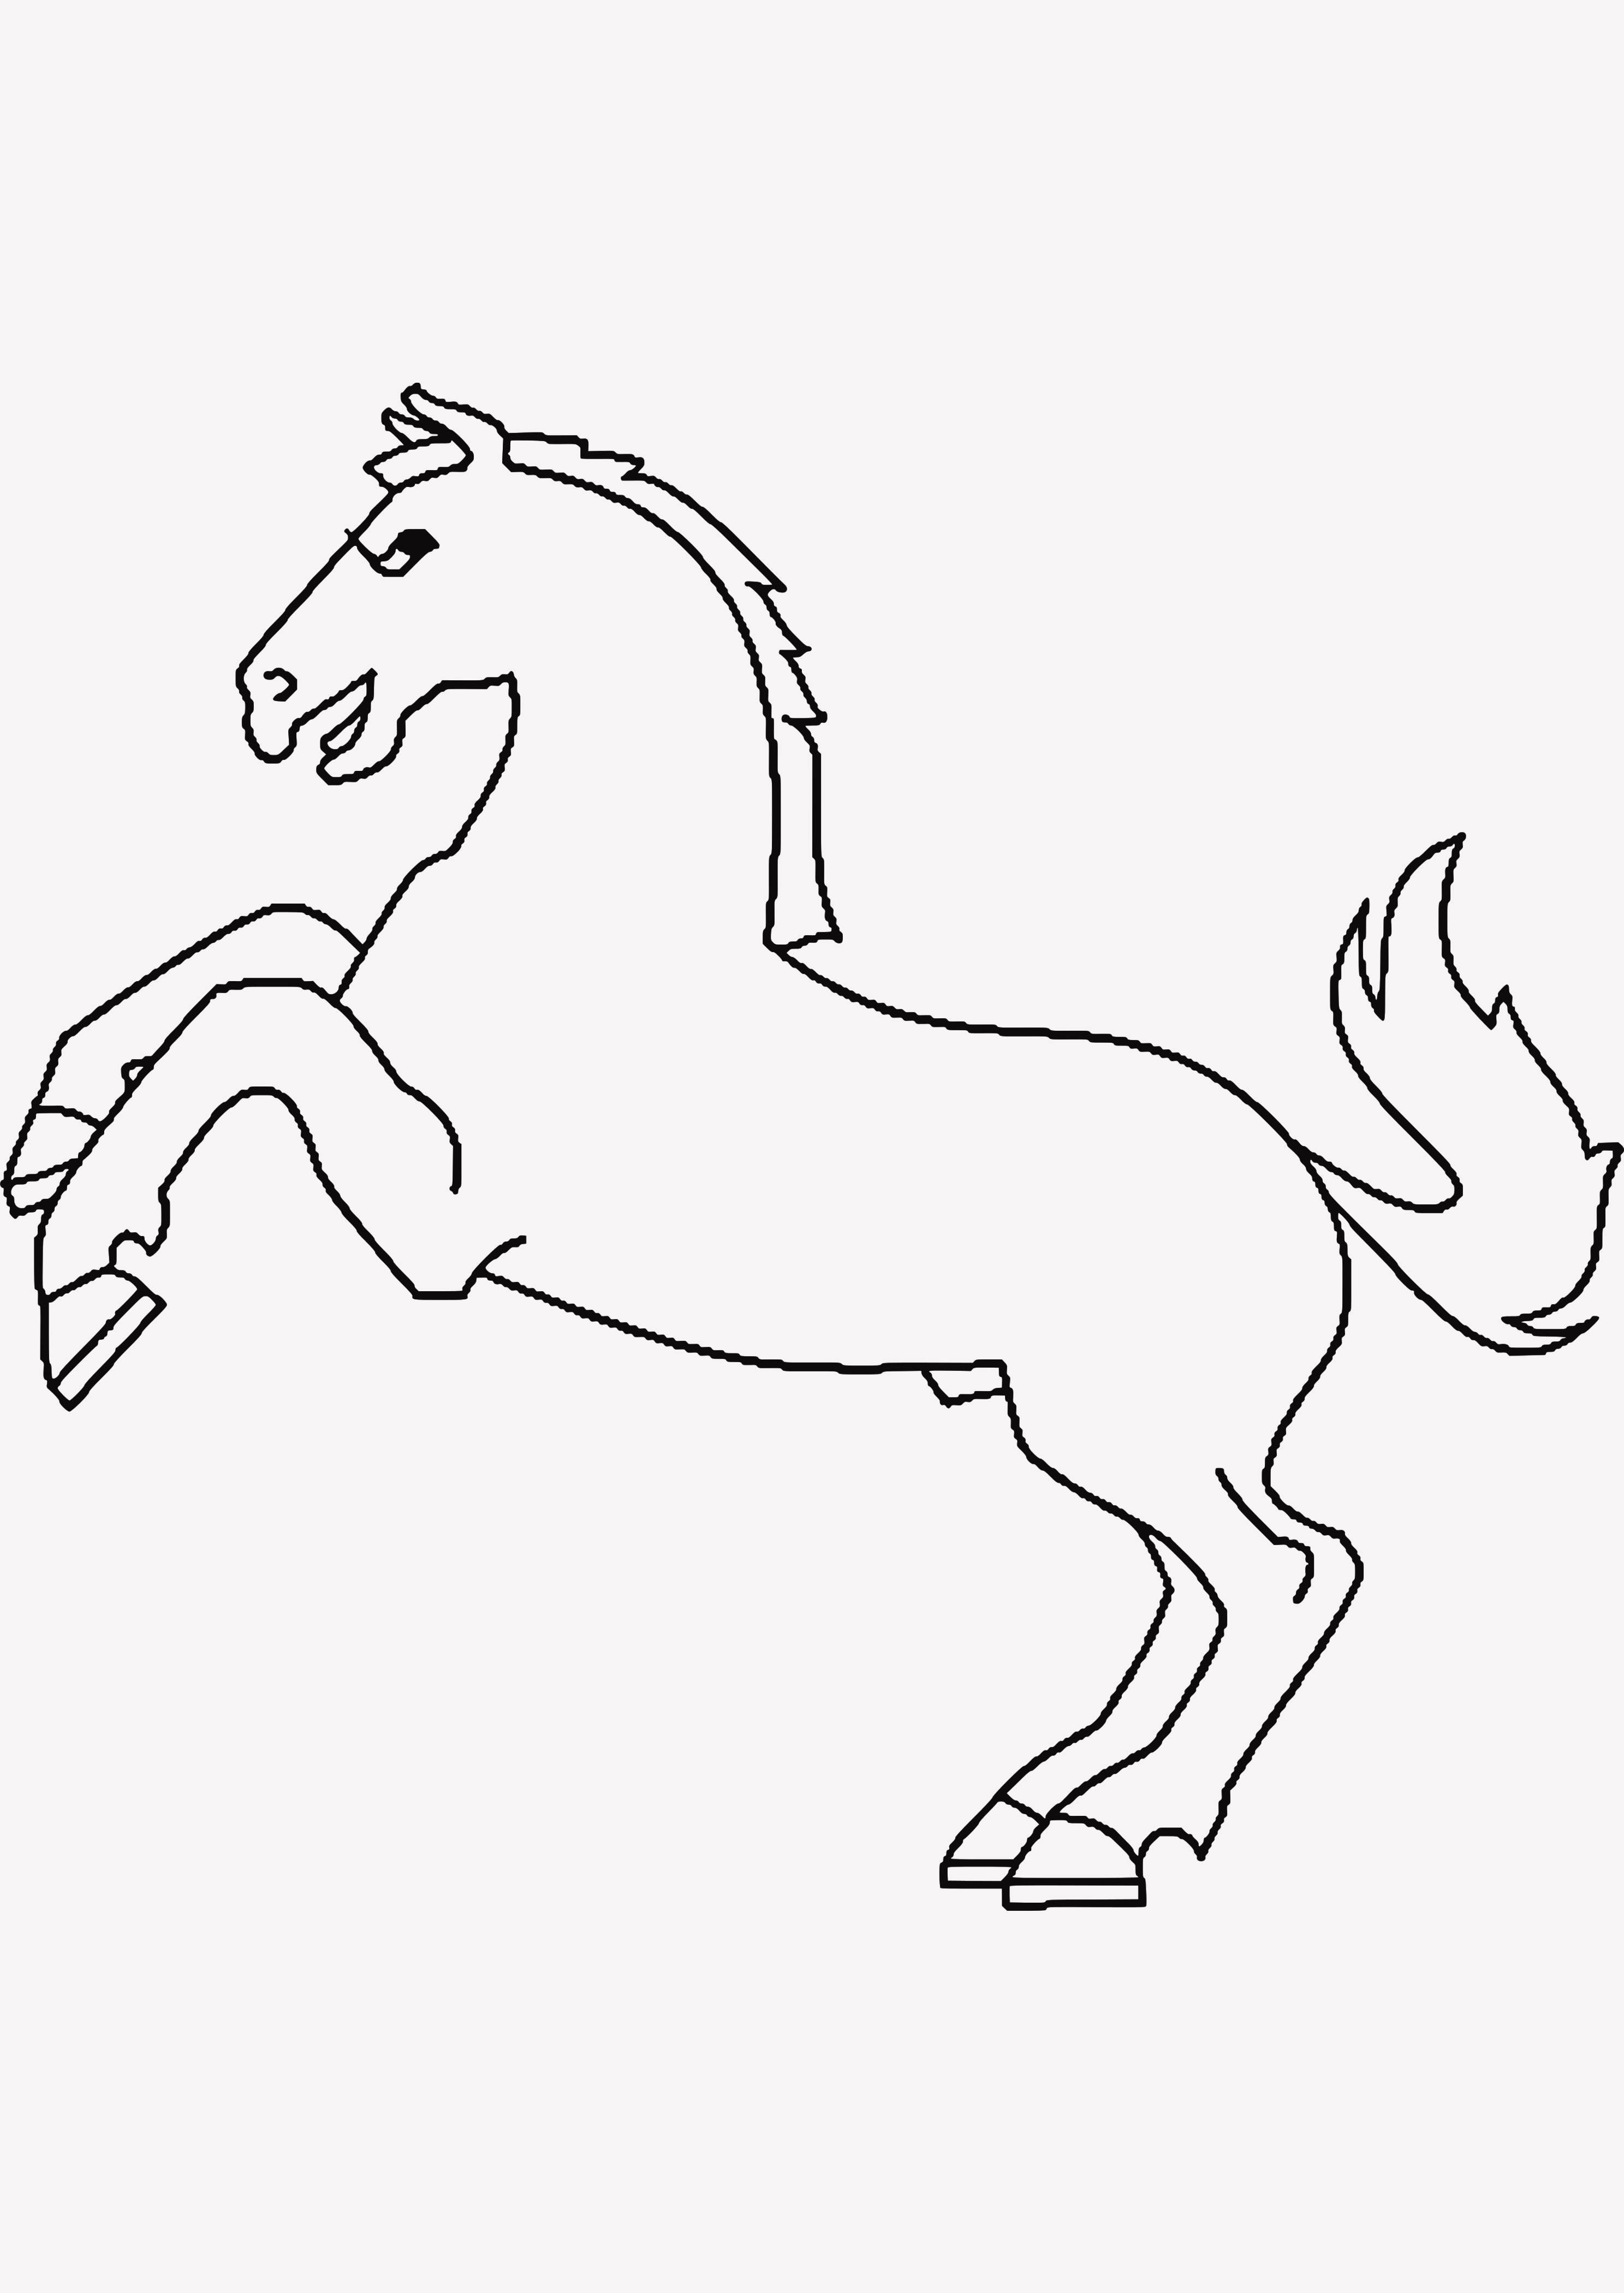 Ausmalbilder Pferde Turnier Einzigartig 25 Genial Pferde Ausmalbild Zum Ausdrucken Sammlung